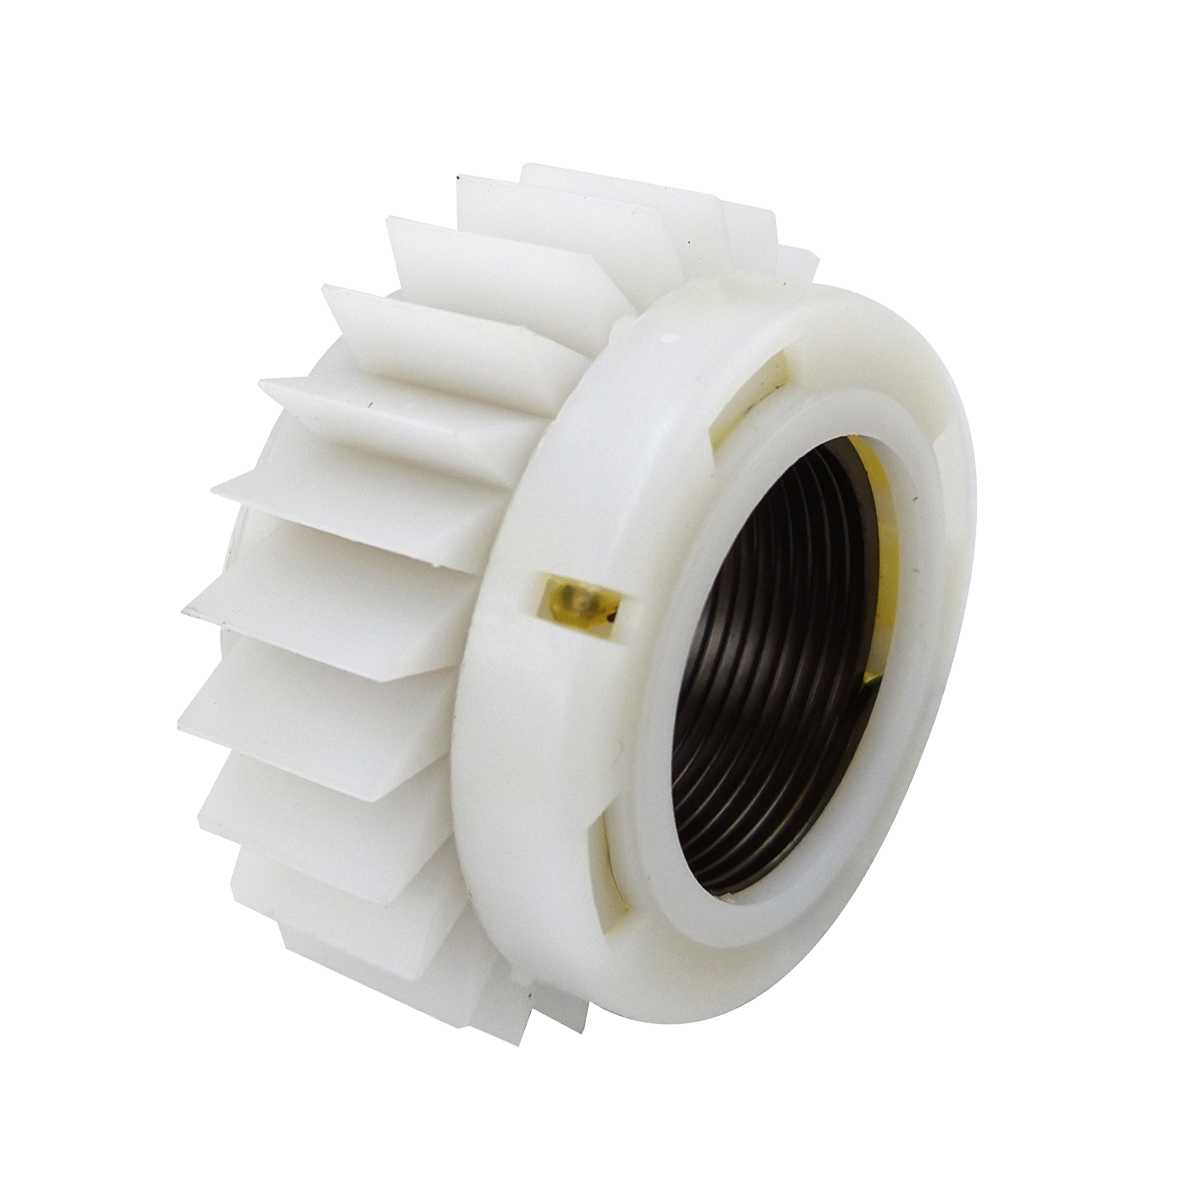 Kit catraca transmissão lavadora Electrolux